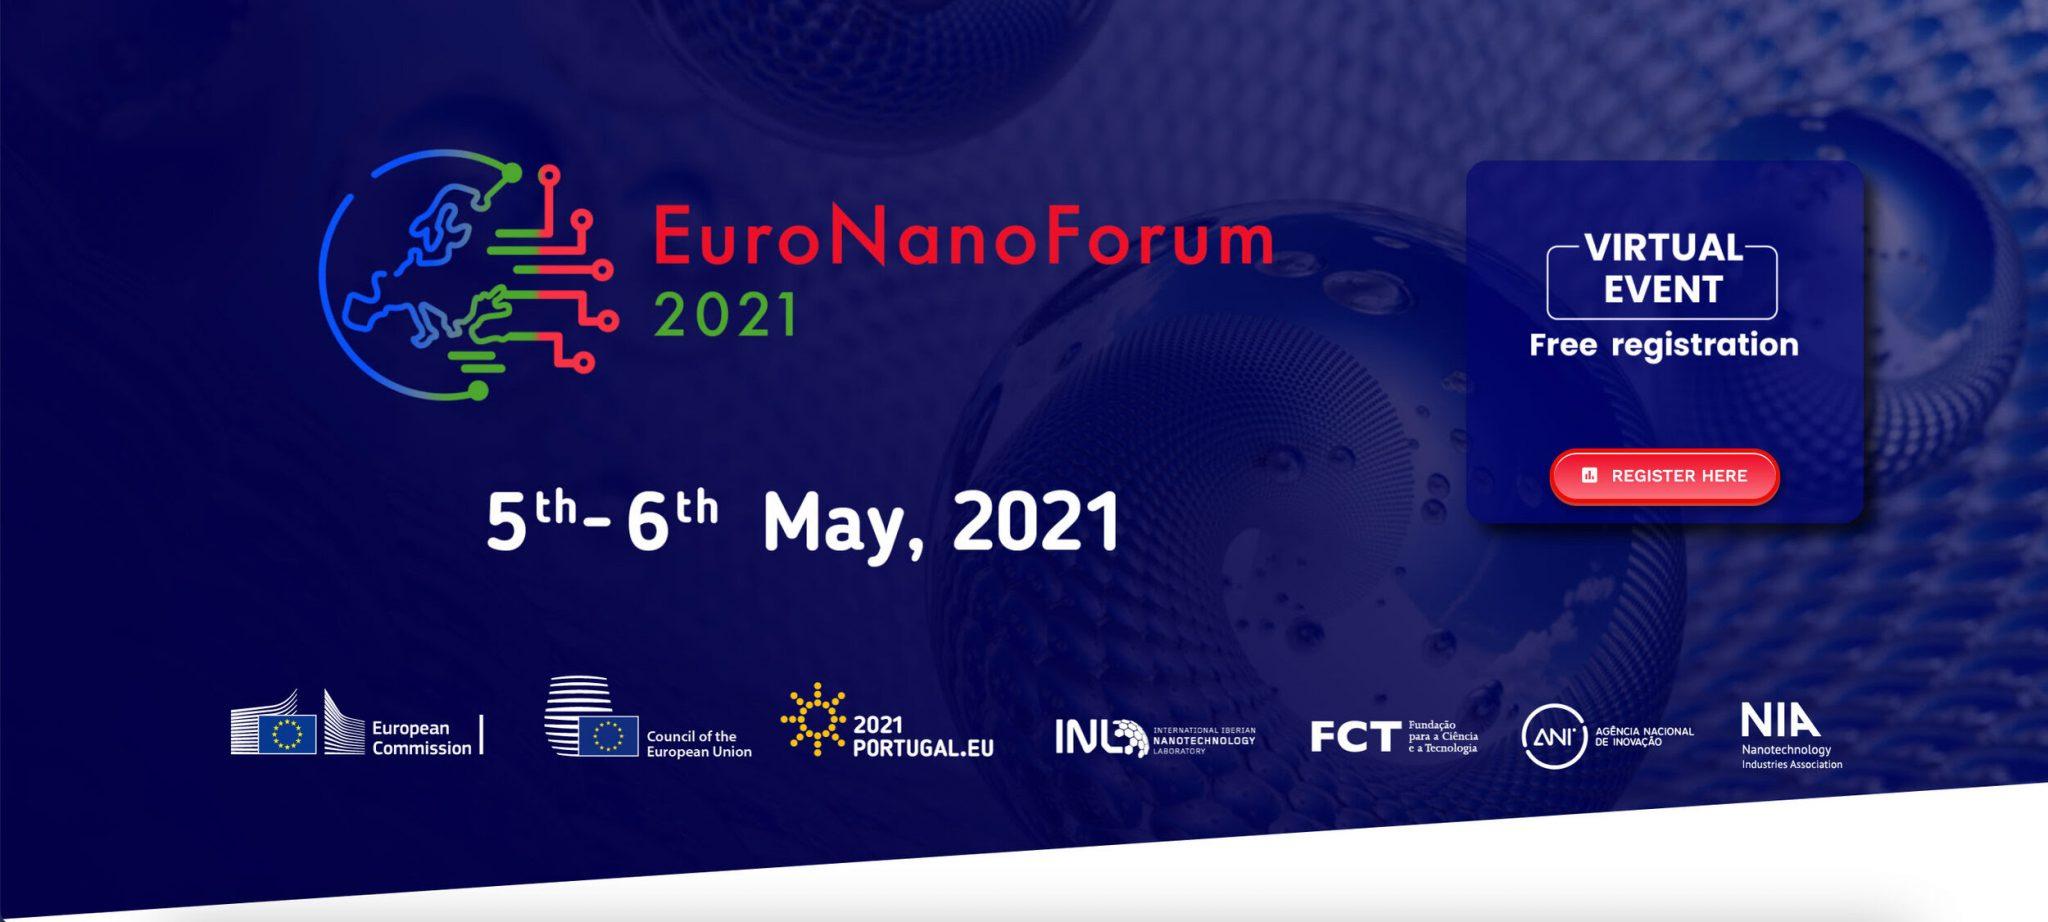 EuroNanoForum 2021, organized by INL